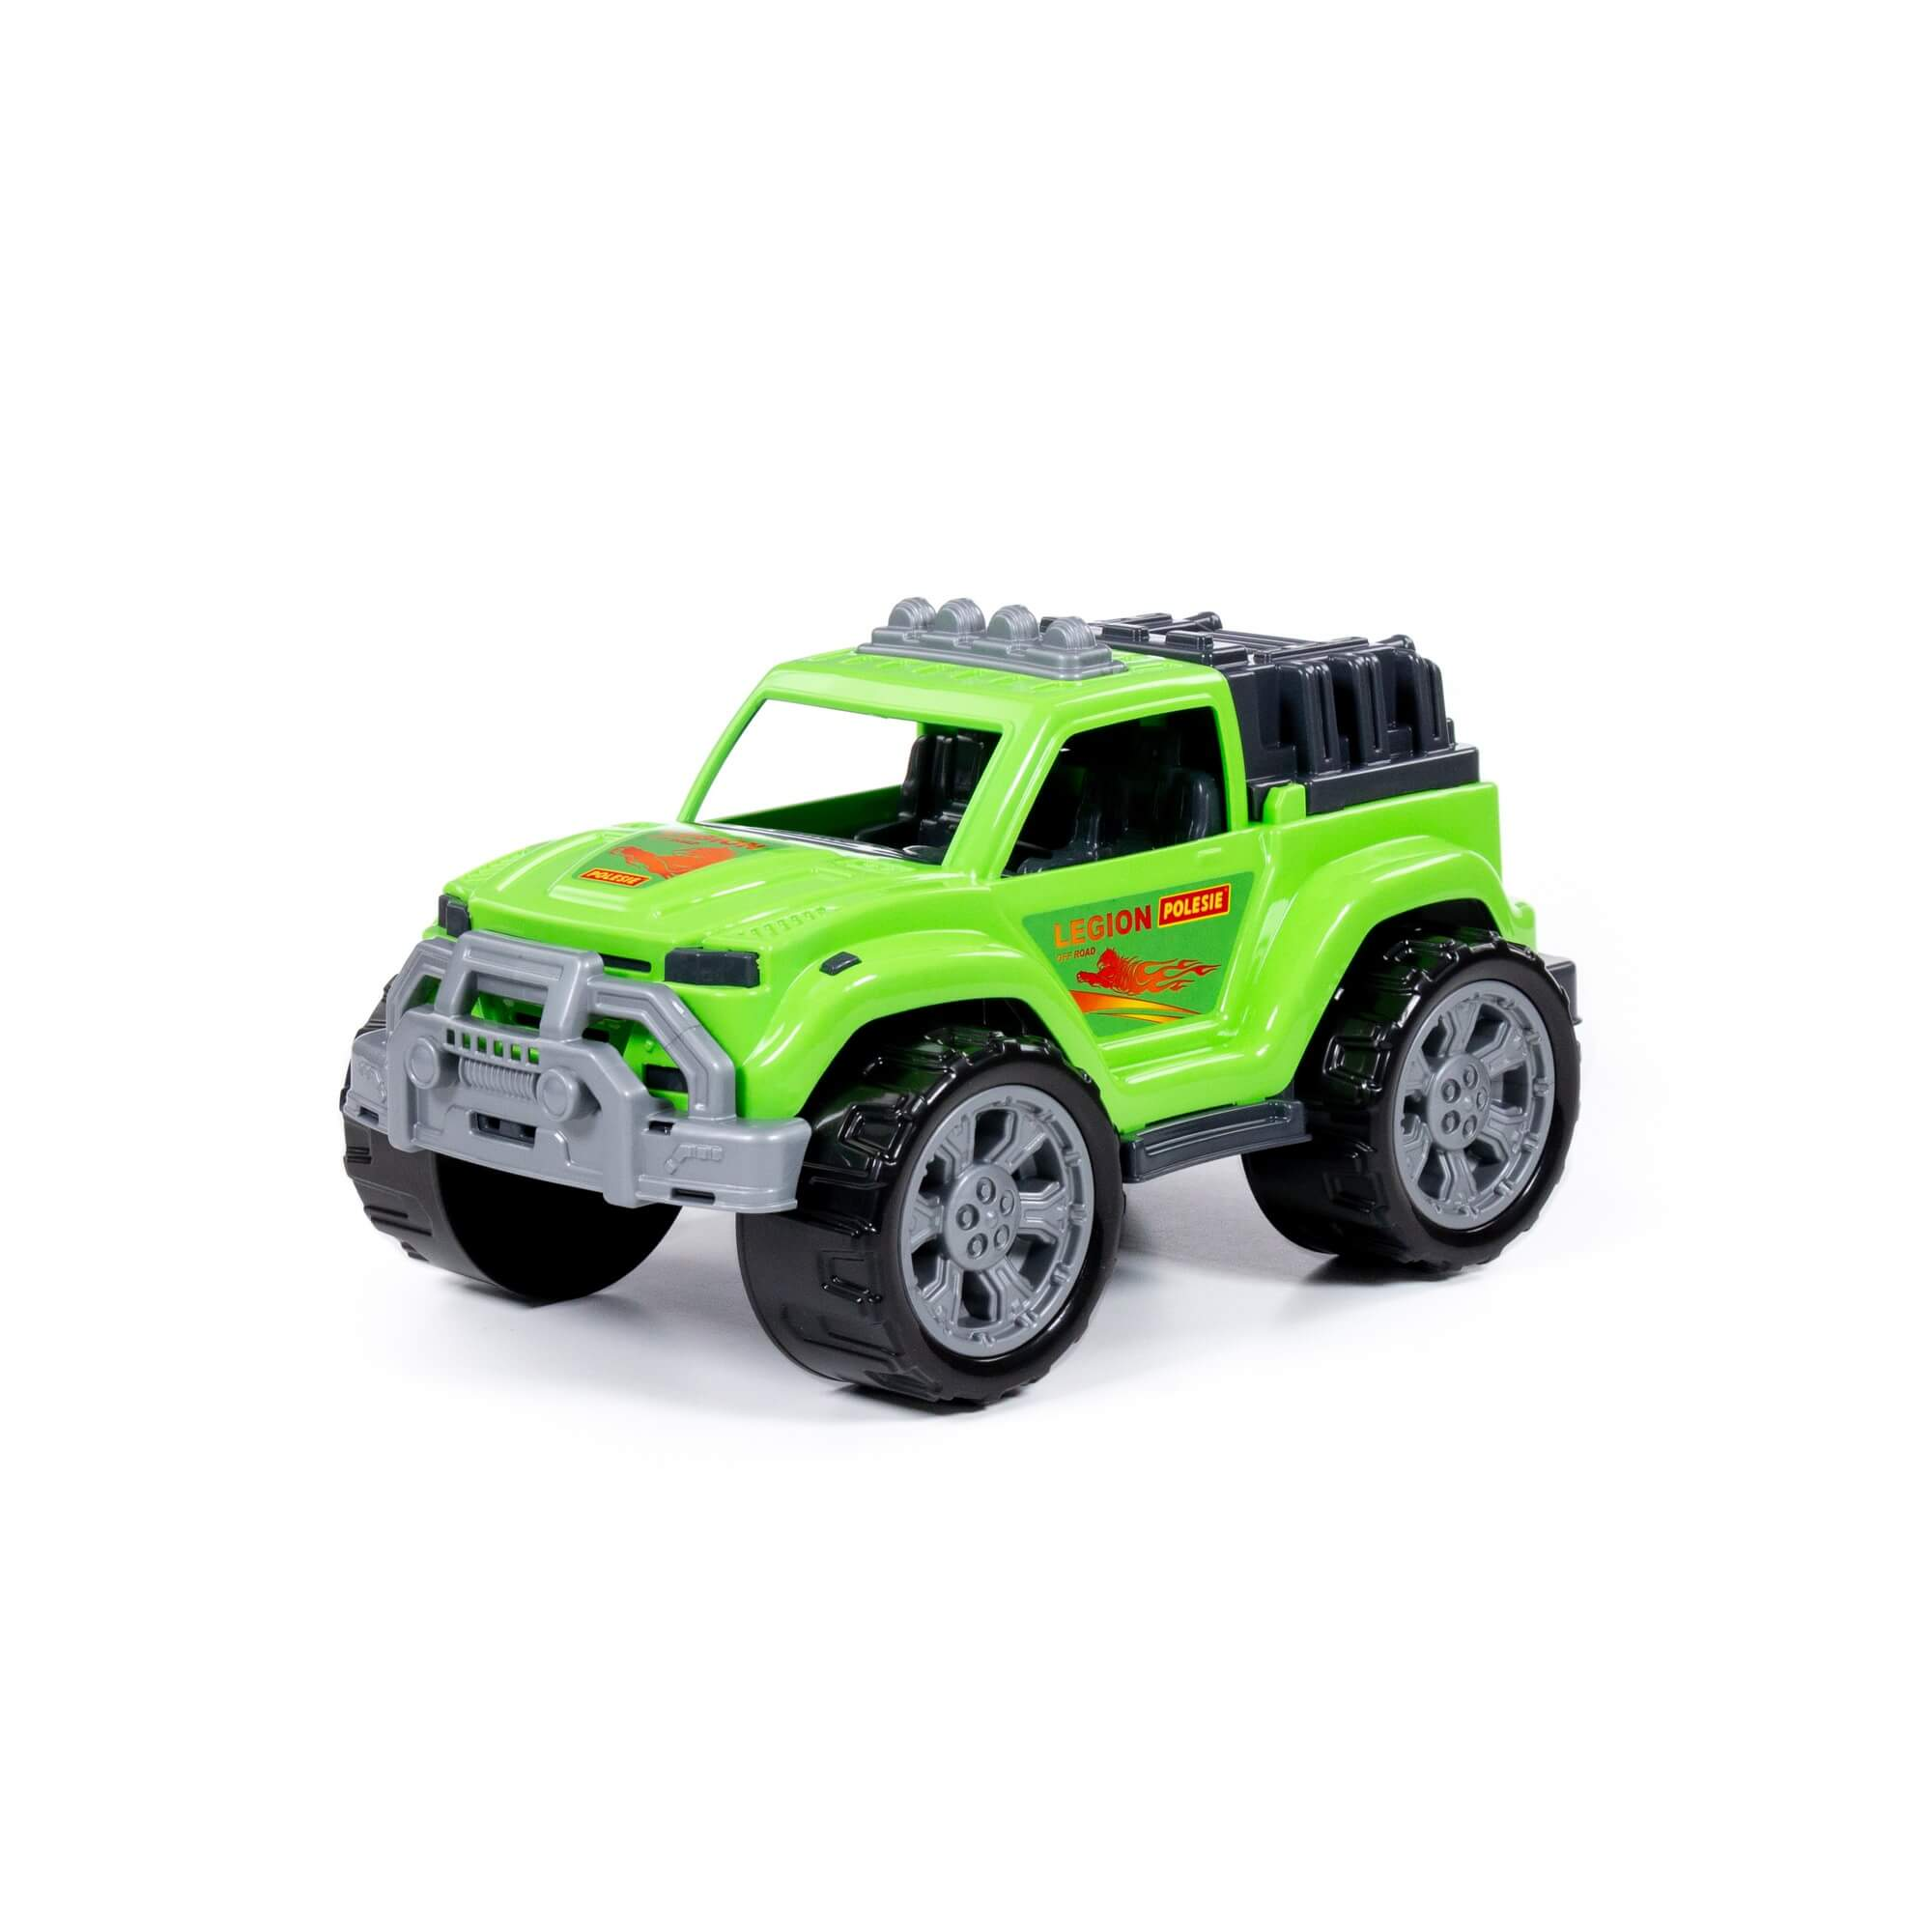 Lejyon, otomobil No:4 (yeşil) (filede) Ref. 89076 - photo #1